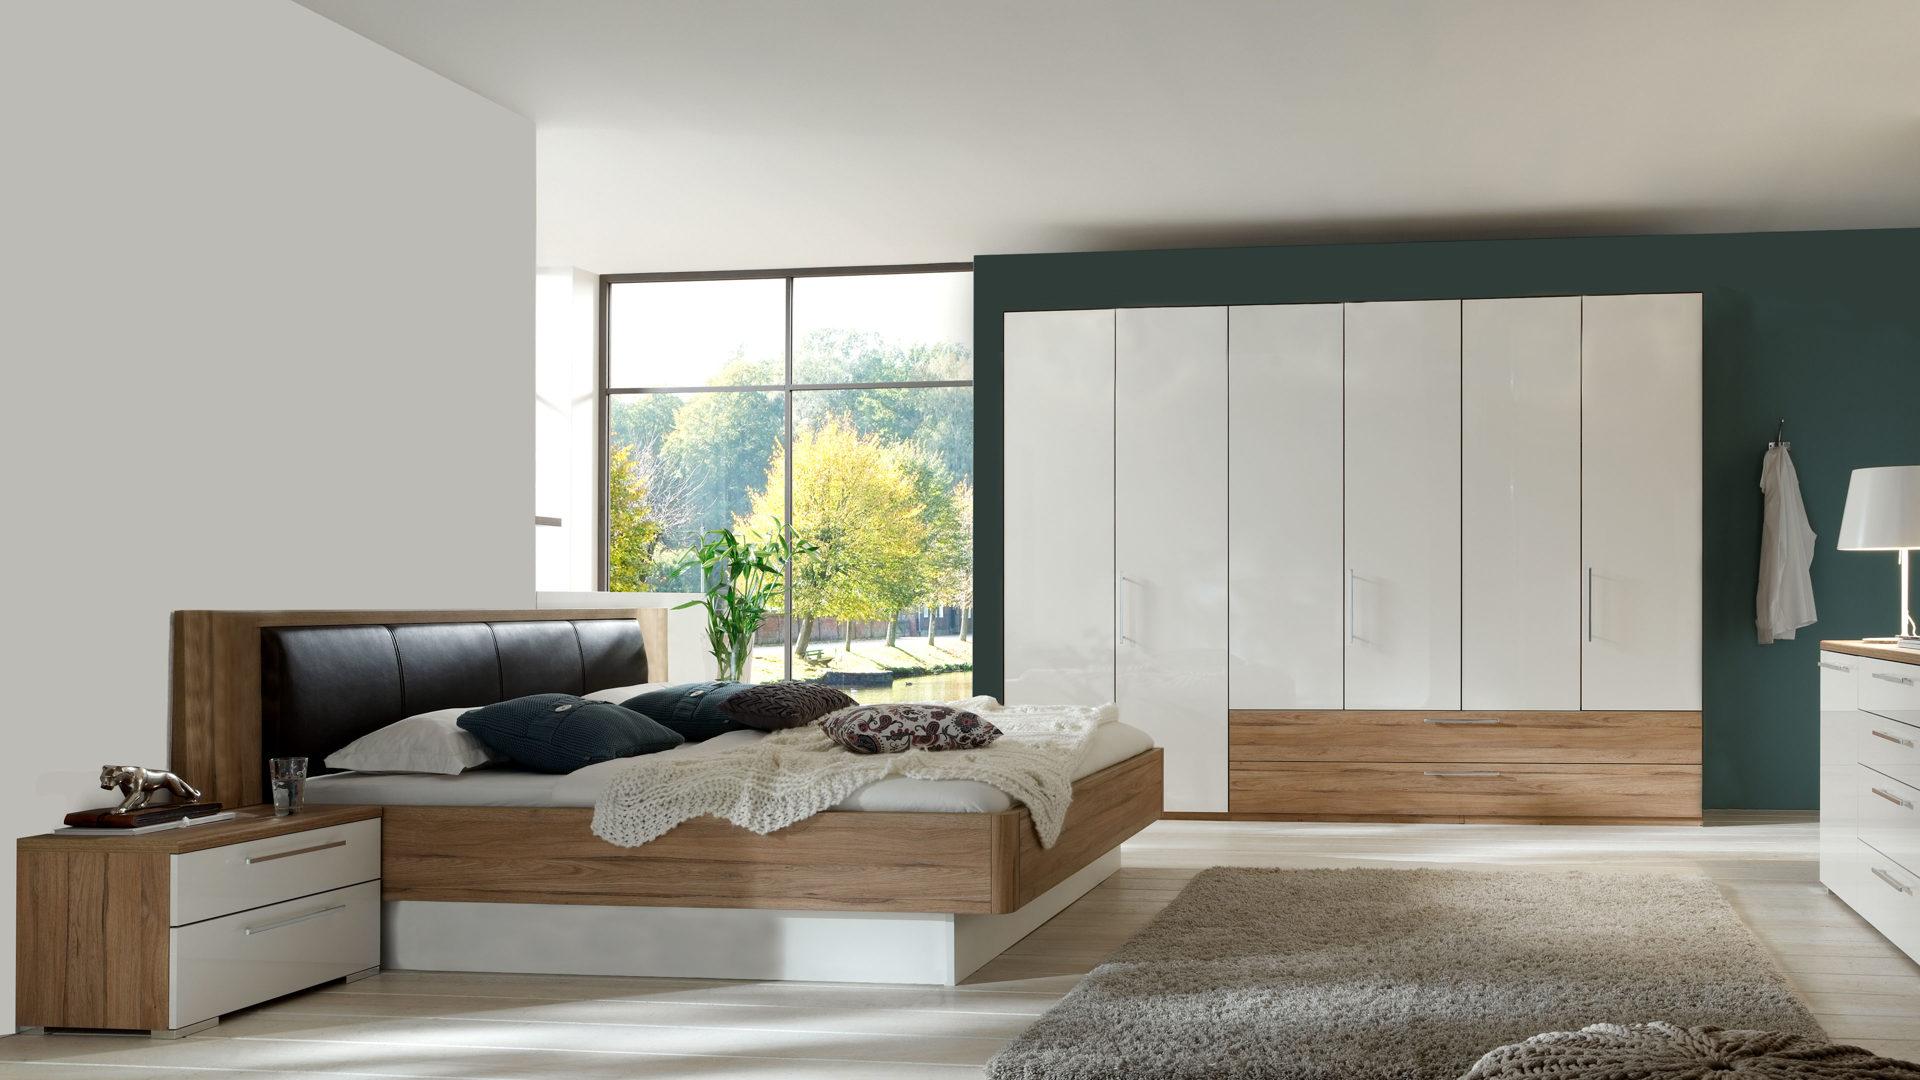 PARTNERRING COLLECTION Schlafzimmer Linus mit Möbeln zum Wohlfühlen,  alpinweiße Hochglanzoberflächen & Volano eichefarbene K